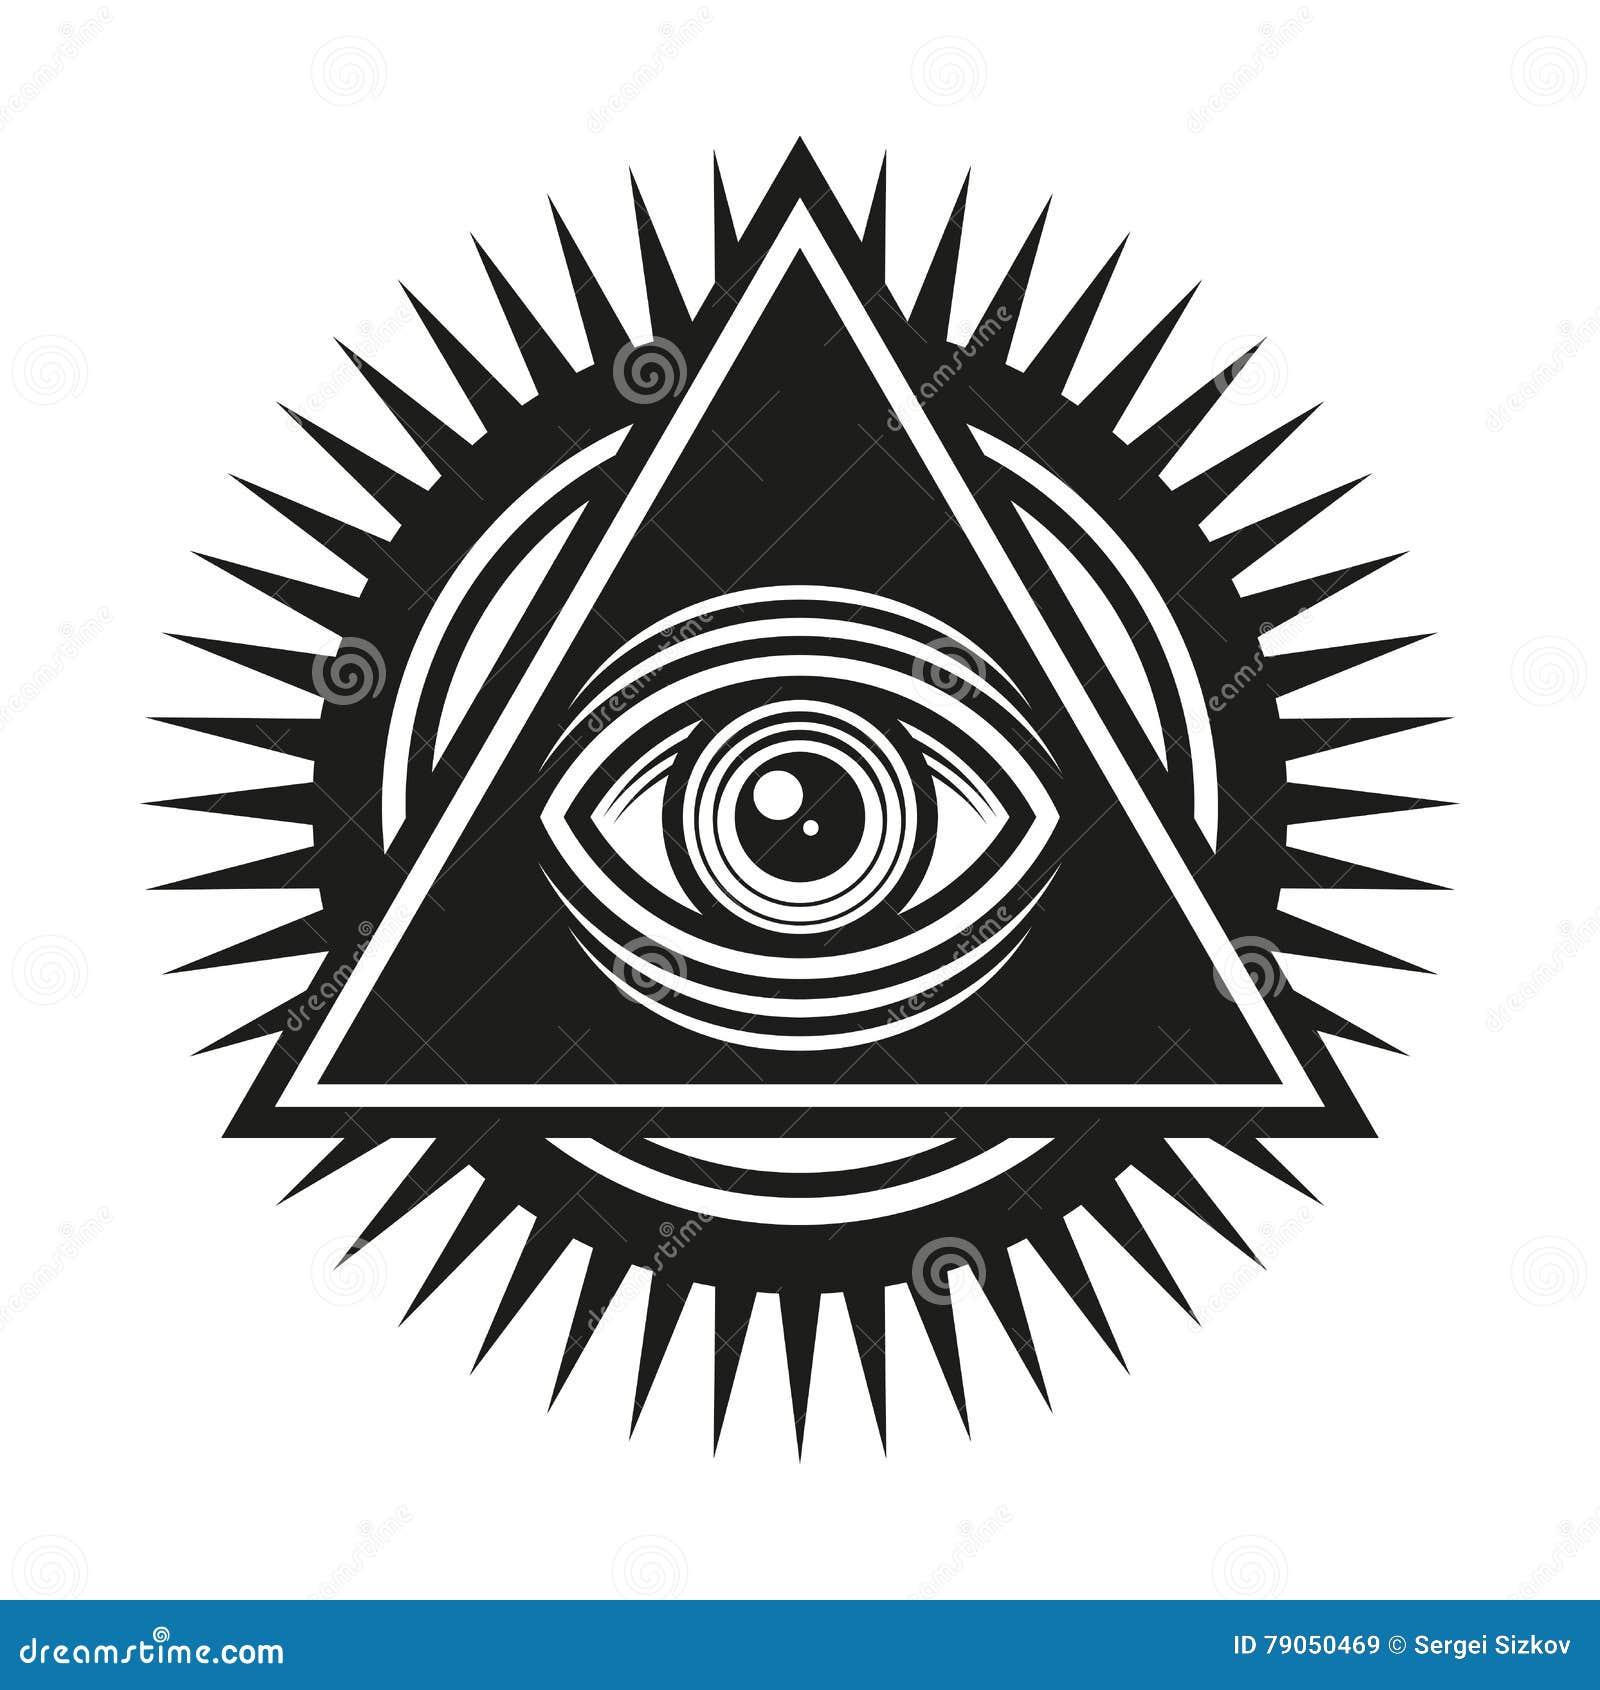 Masonic symbol all seeing eye inside pyramid triangle icon masonic symbol all seeing eye inside pyramid triangle icon vector occultism alchemy buycottarizona